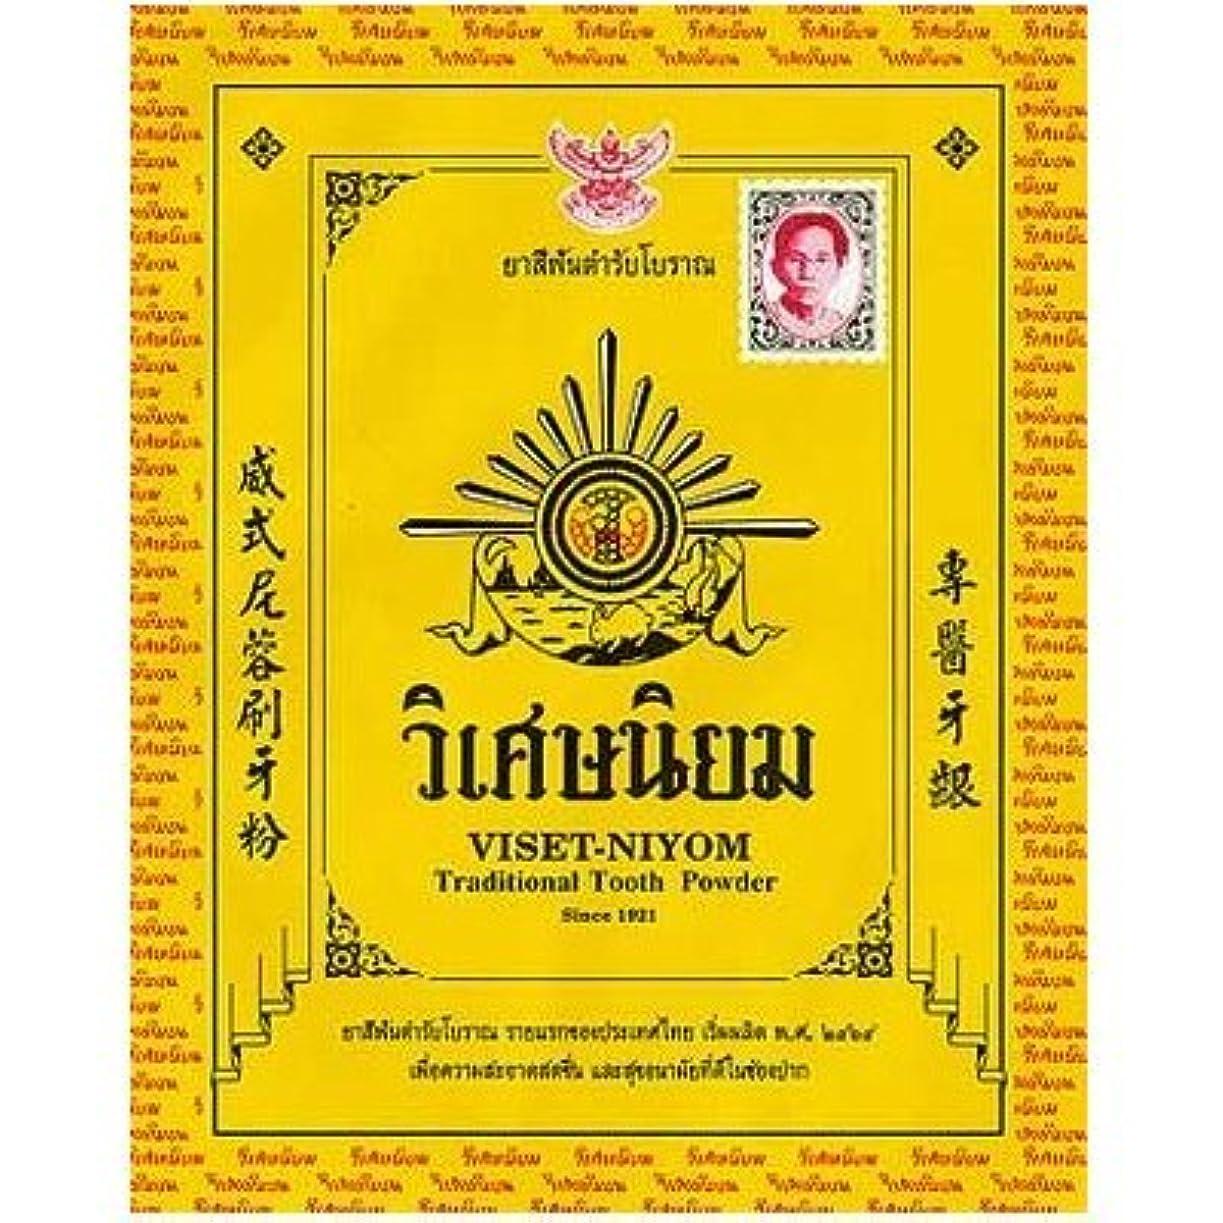 平らにする消す鋼Thai Herbal Whitening Tooth Powder Original Thai Traditional Toothpaste 40 G. by Tooth Powder